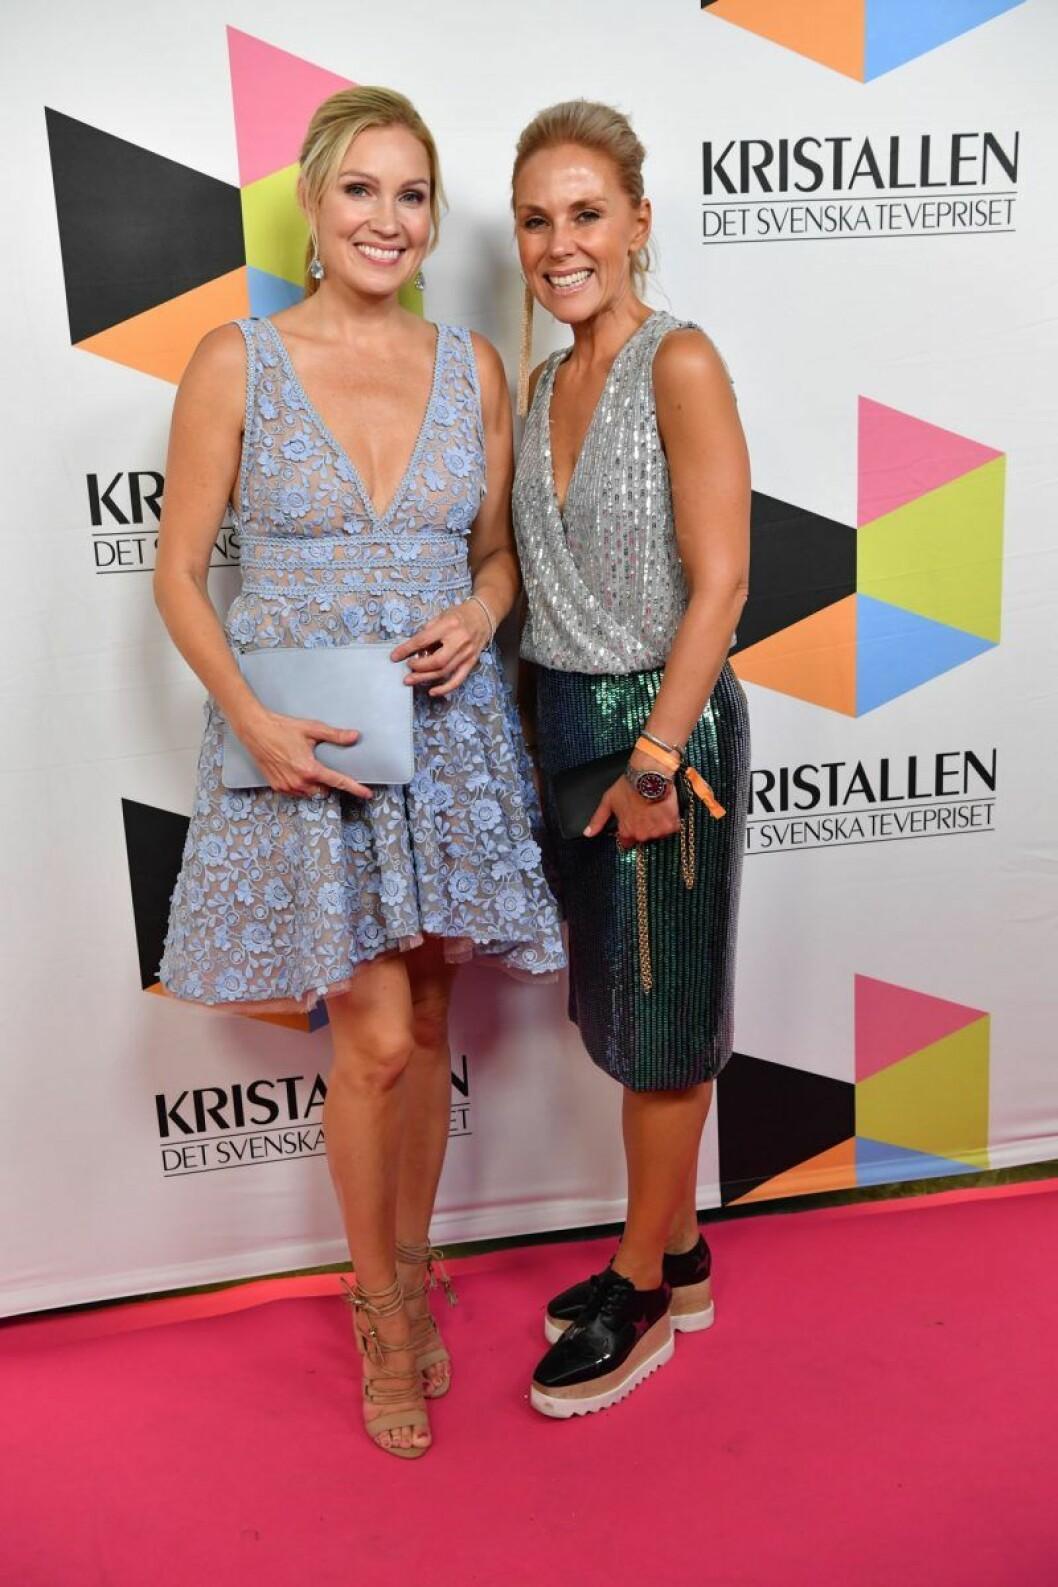 Jessica Almenäs med sällskap på röda mattan på Kristallen 2019